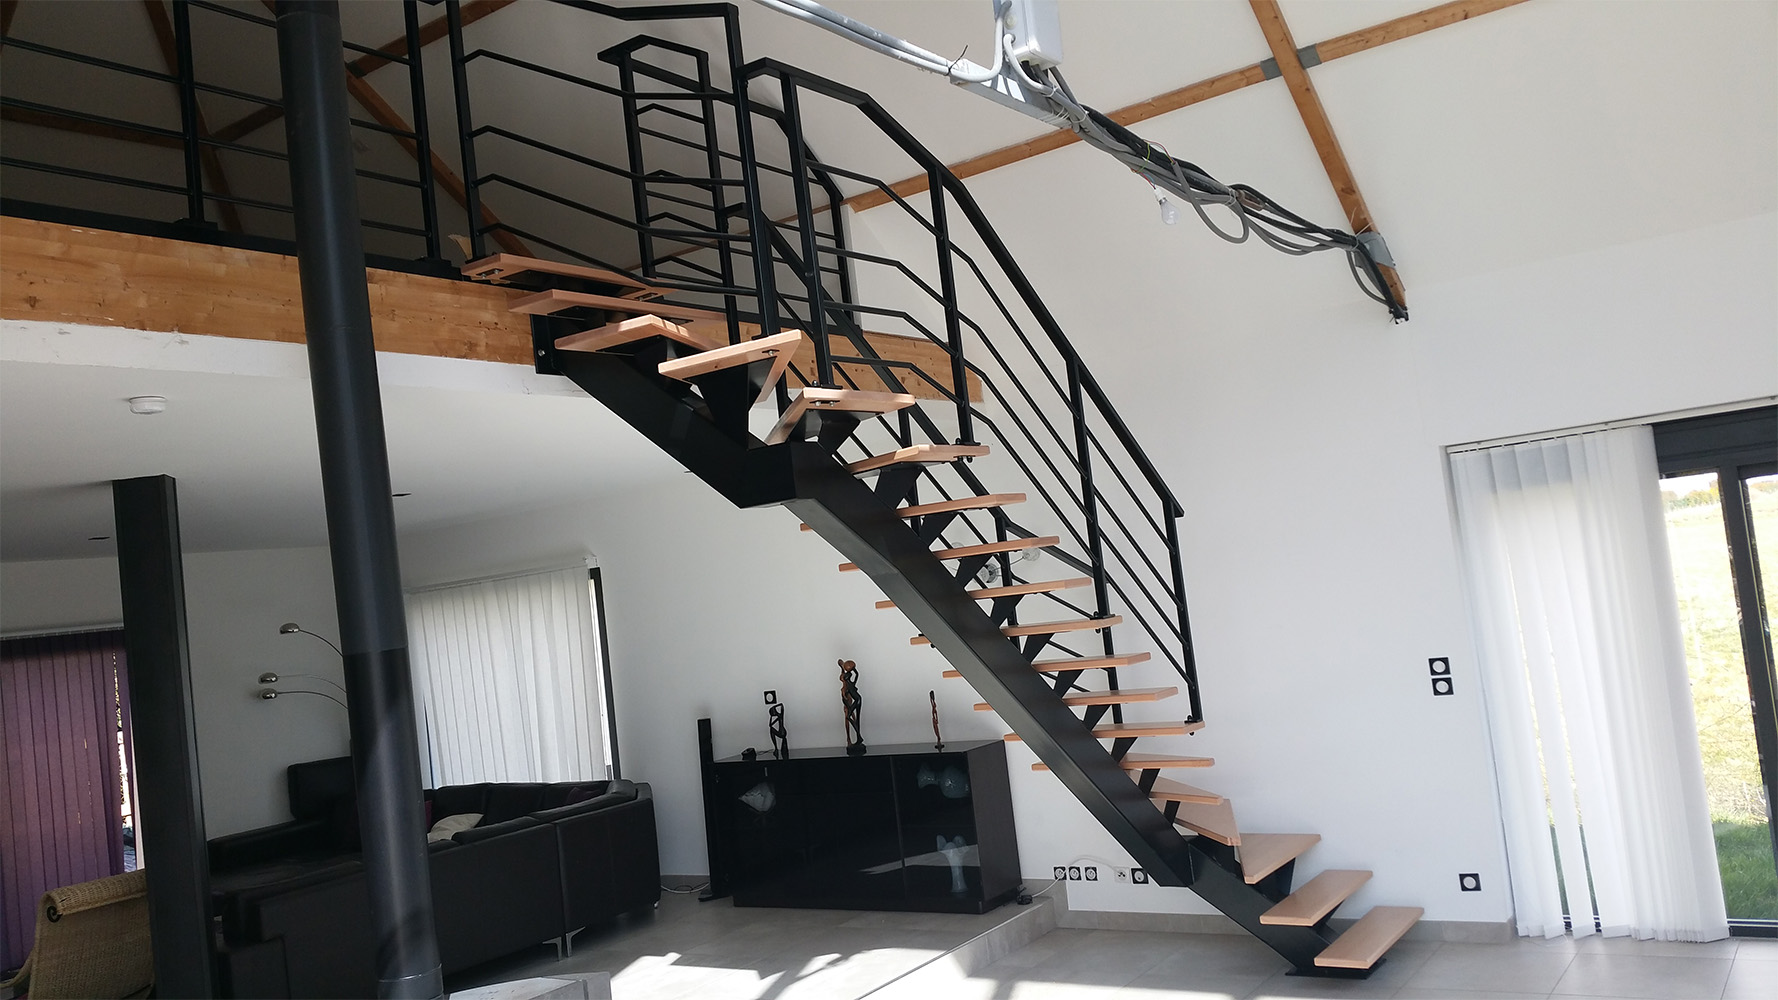 Fabrication et pose d'un escalier en métal sur mesure donnant sur une mezzanine